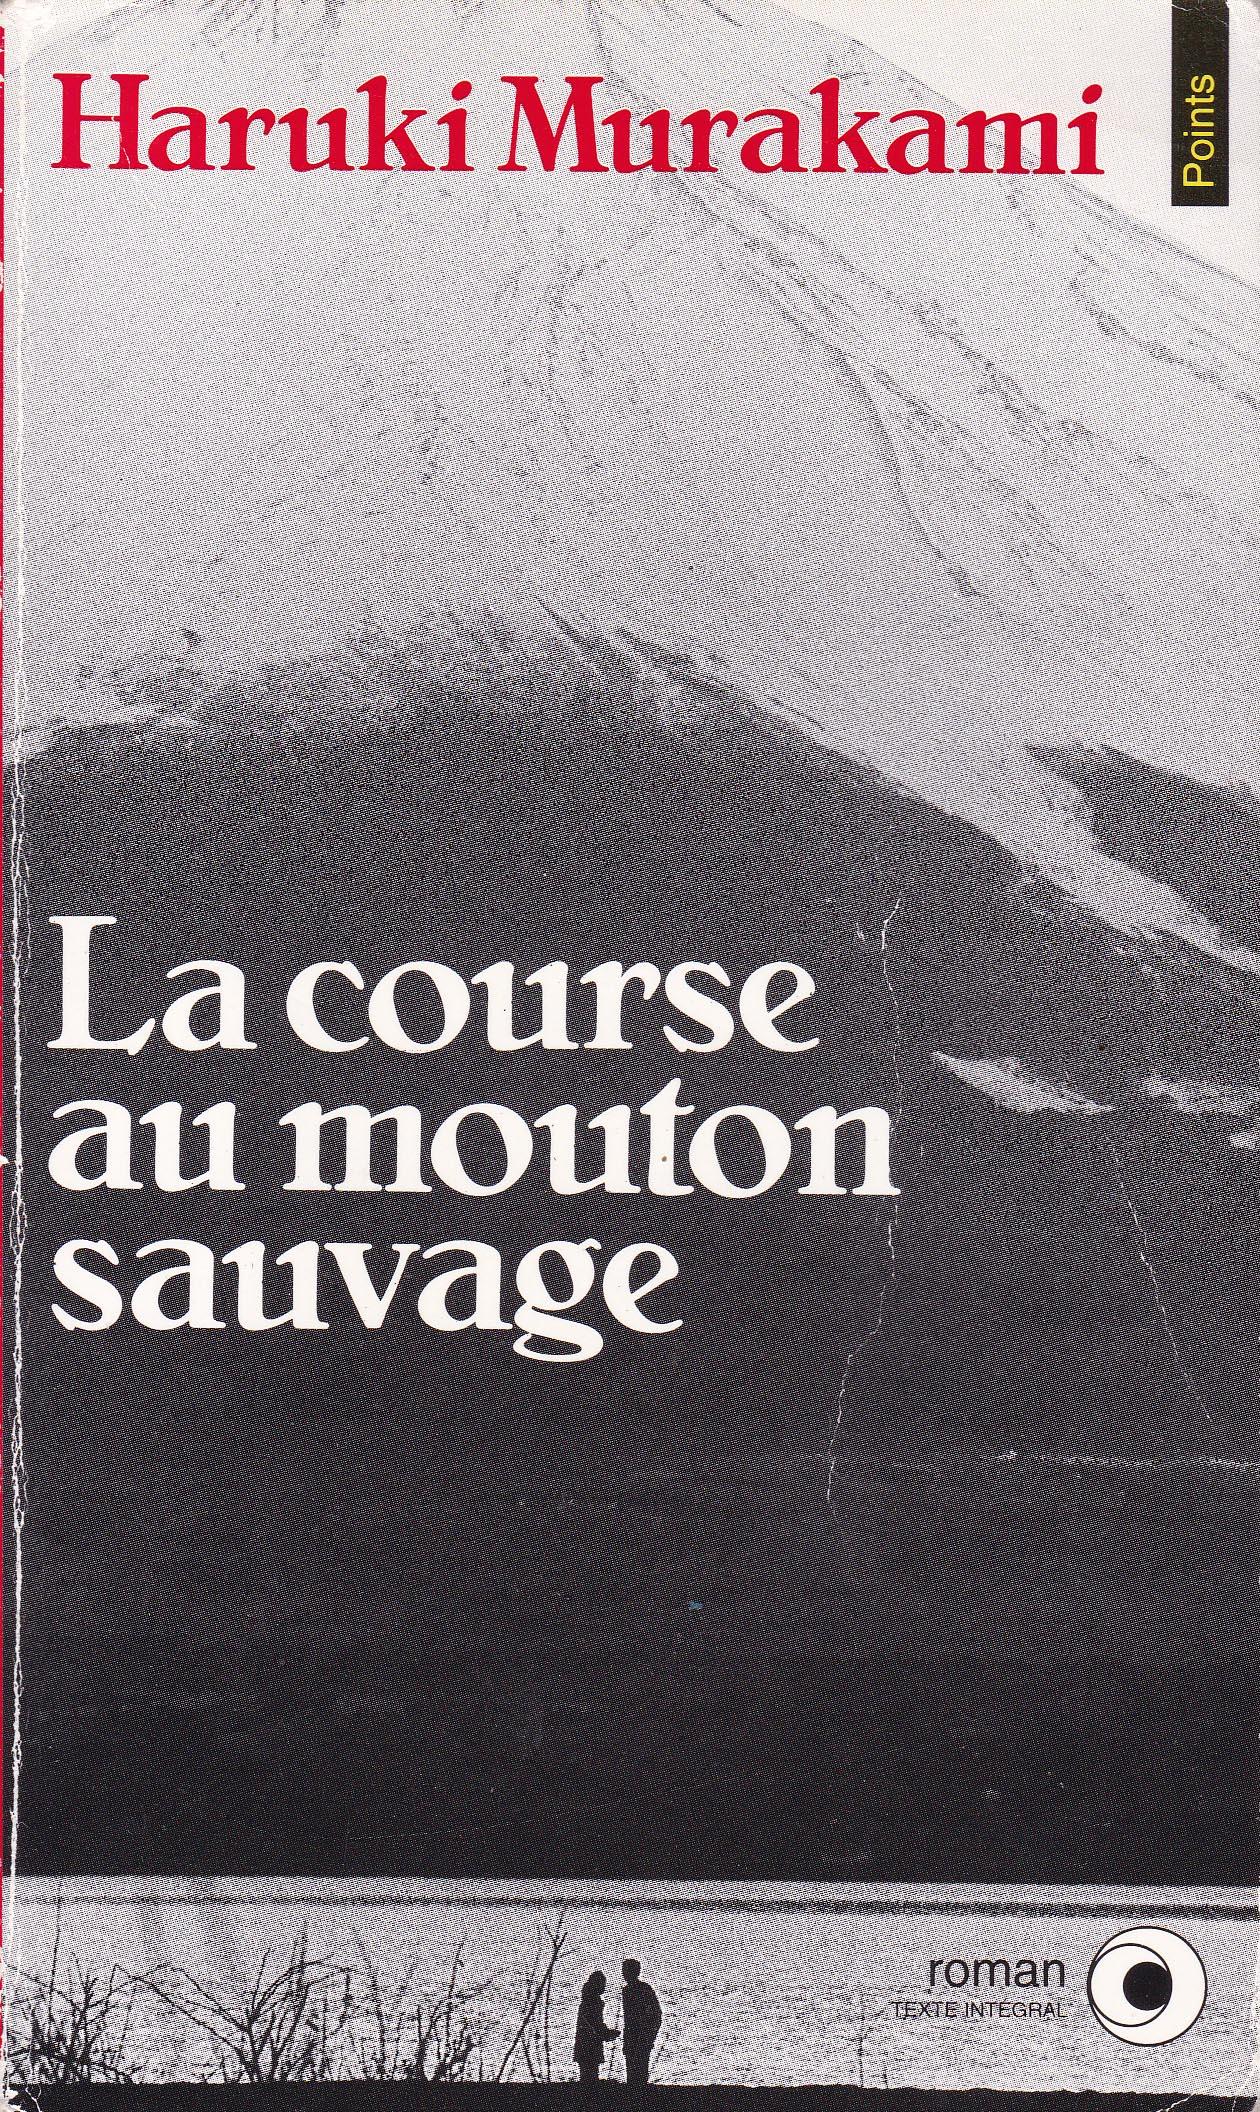 La Course Au Mouton Sauvage : course, mouton, sauvage, Course, Mouton, Sauvage, AbeBooks